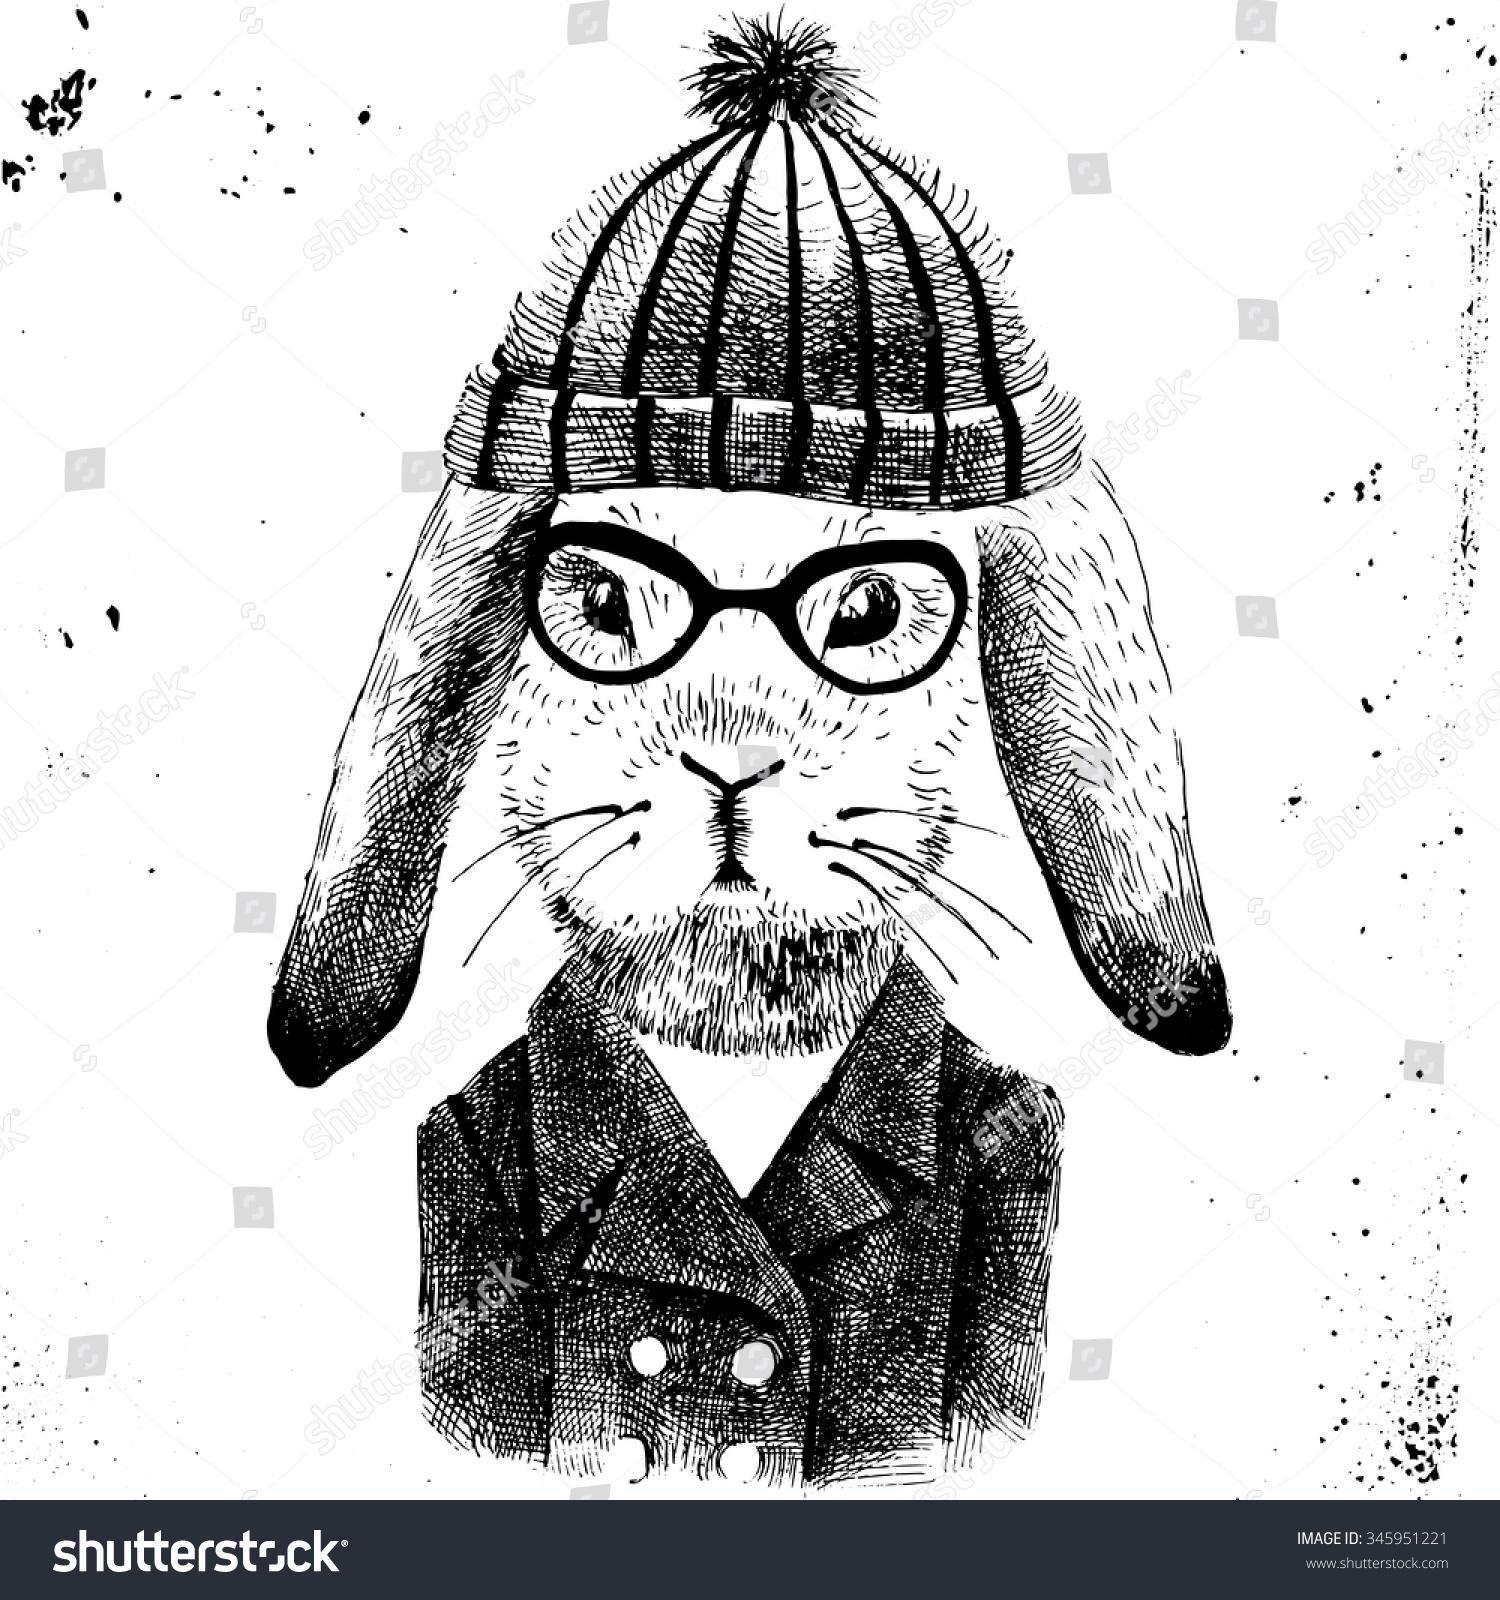 手绘插图的打扮兔子的女孩-动物/野生生物